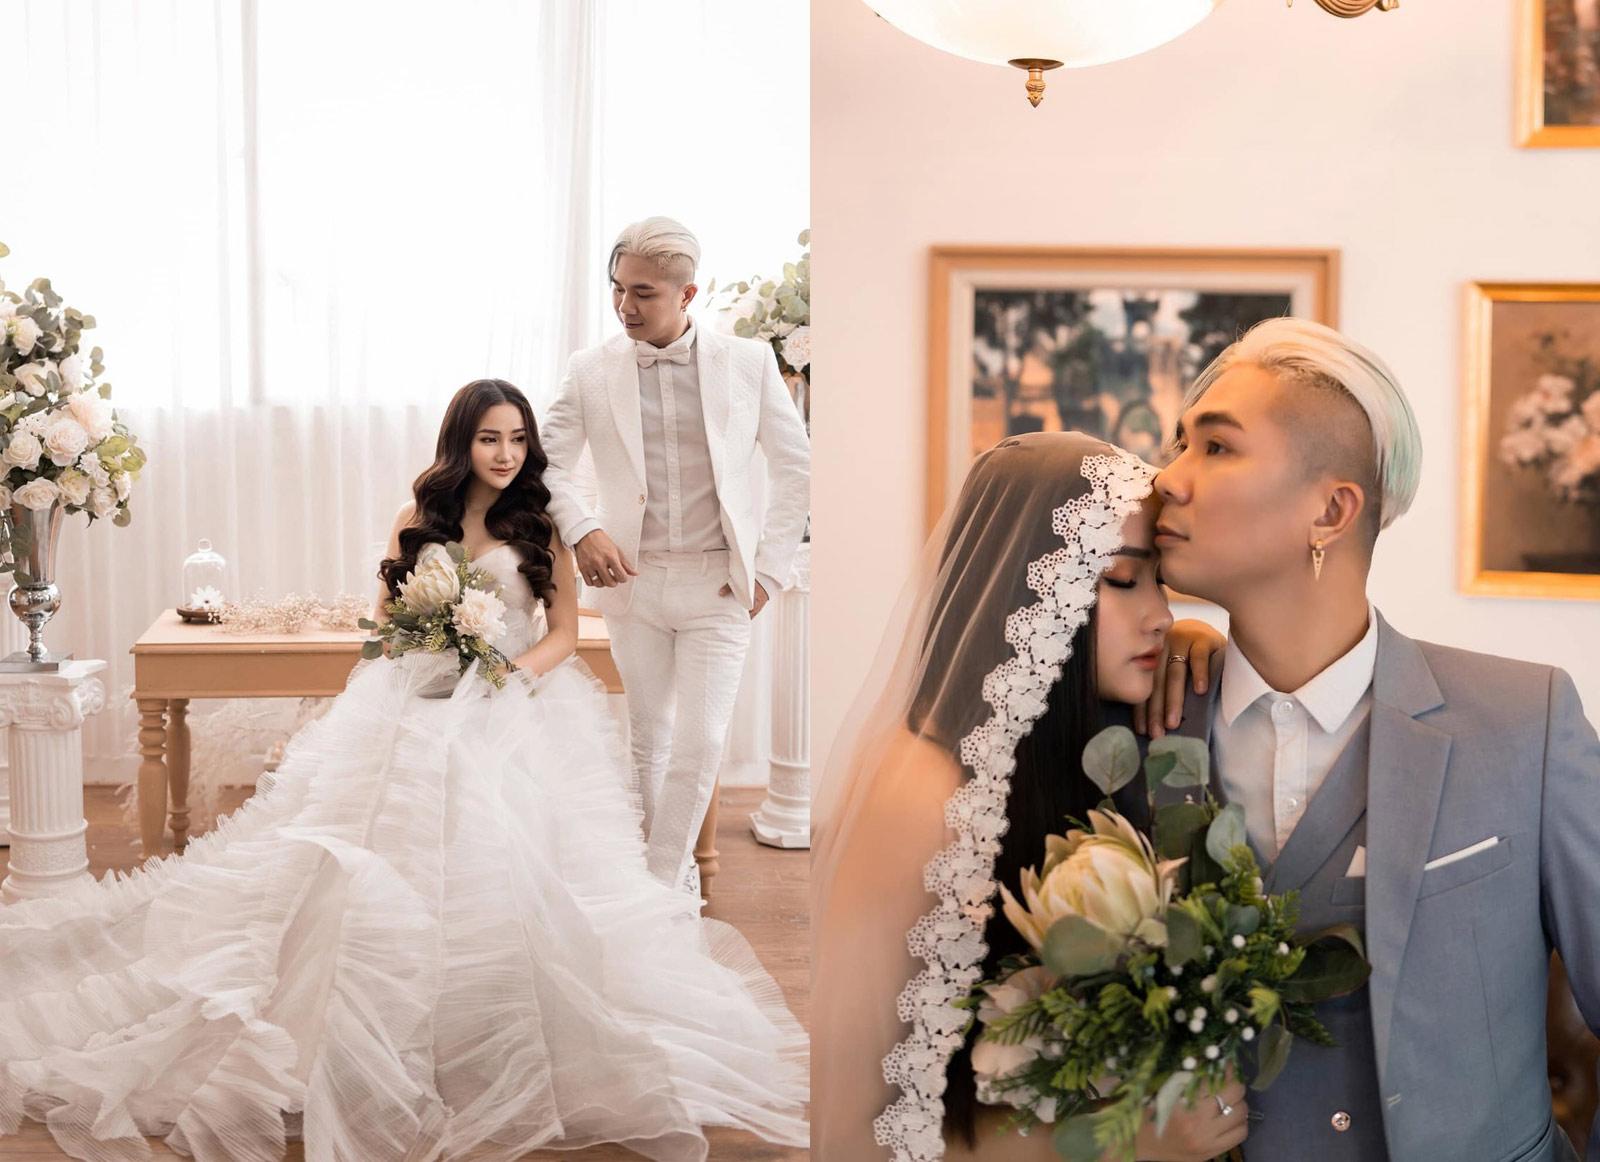 Đám cưới sao Việt năm 2020: Người đeo vàng trĩu cổ, người lấy ái nữ Giám đốc Ngân hàng Nhà nước - 9